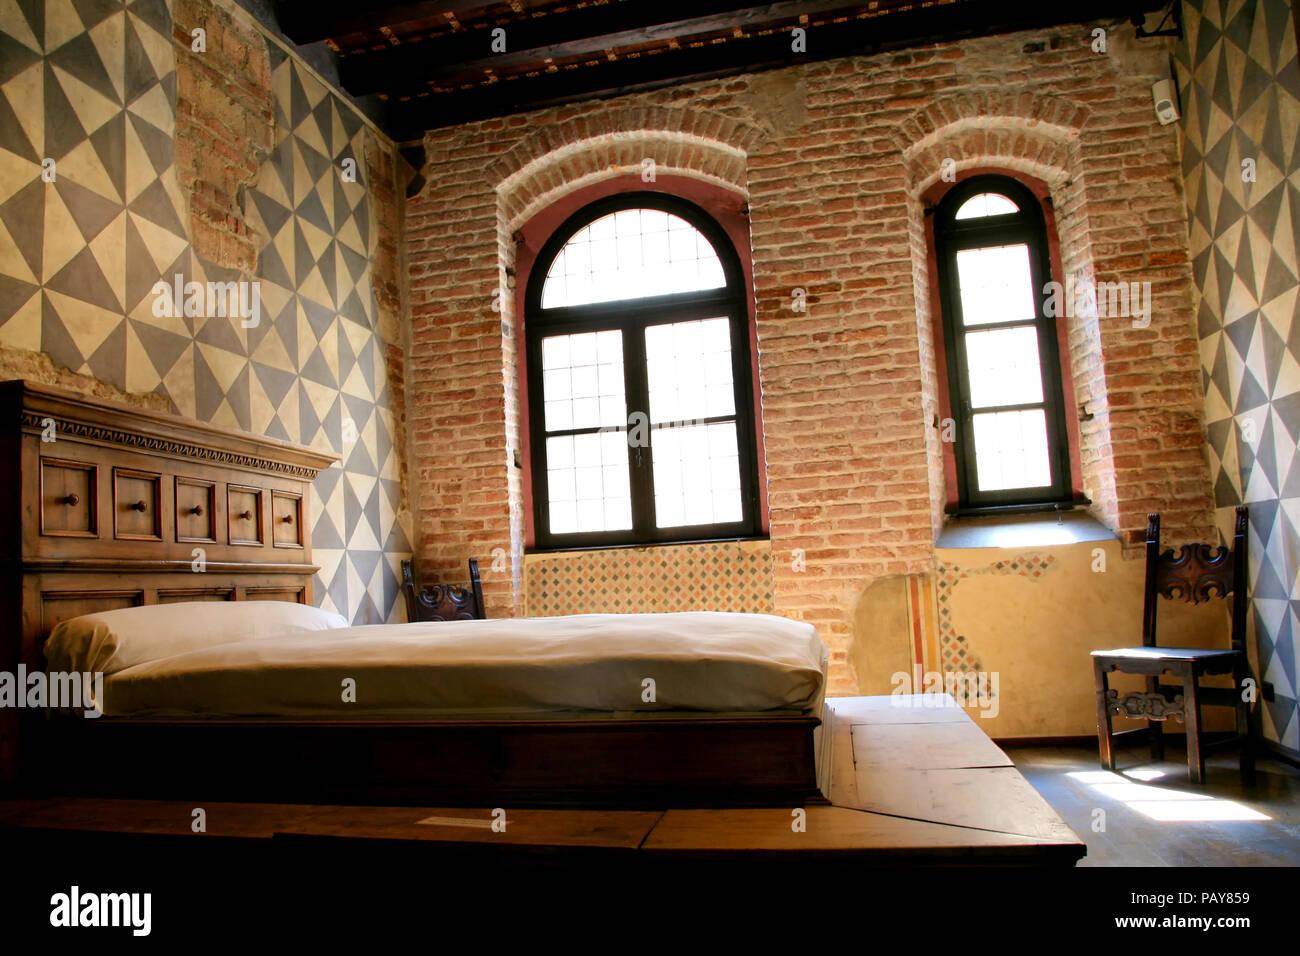 Camere Da Letto Verona.Dettaglio Camera Da Letto Di Giulietta Verona Italy Stock Photo